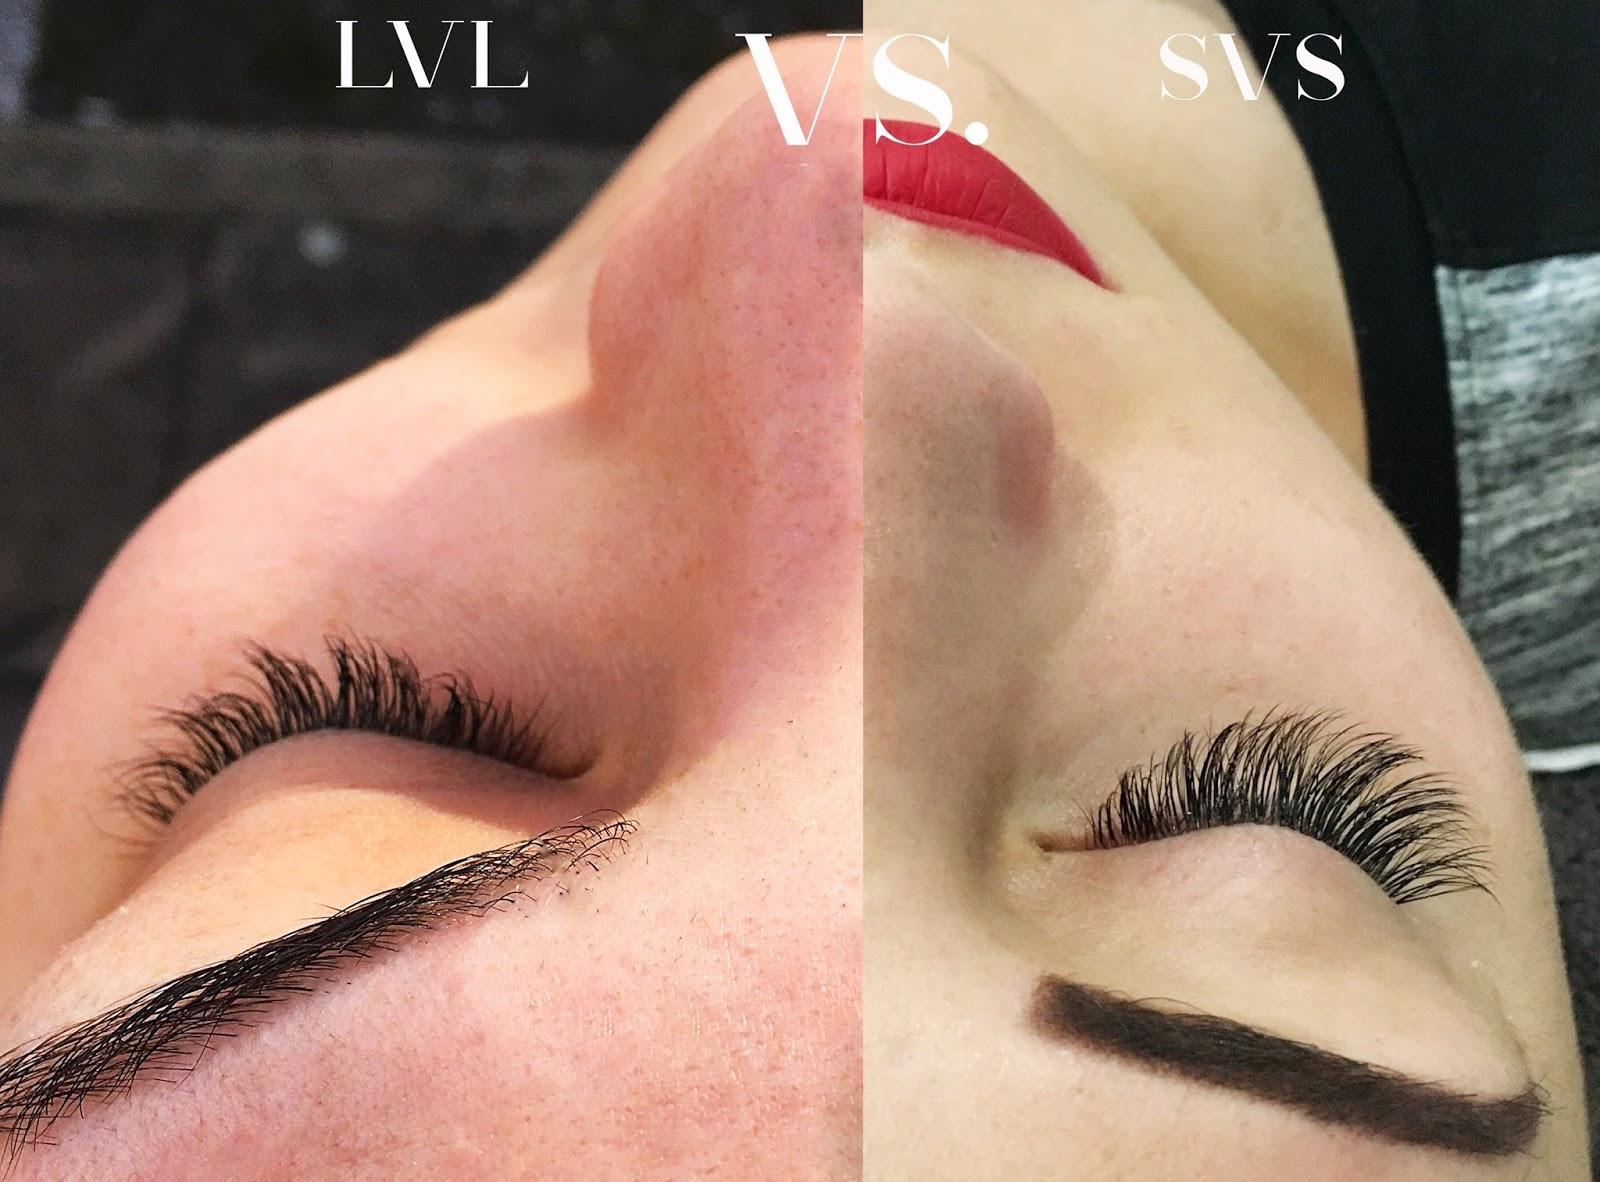 Svs Vs Lvl Nouveau Lashes Whats The Difference Surs De Luxe